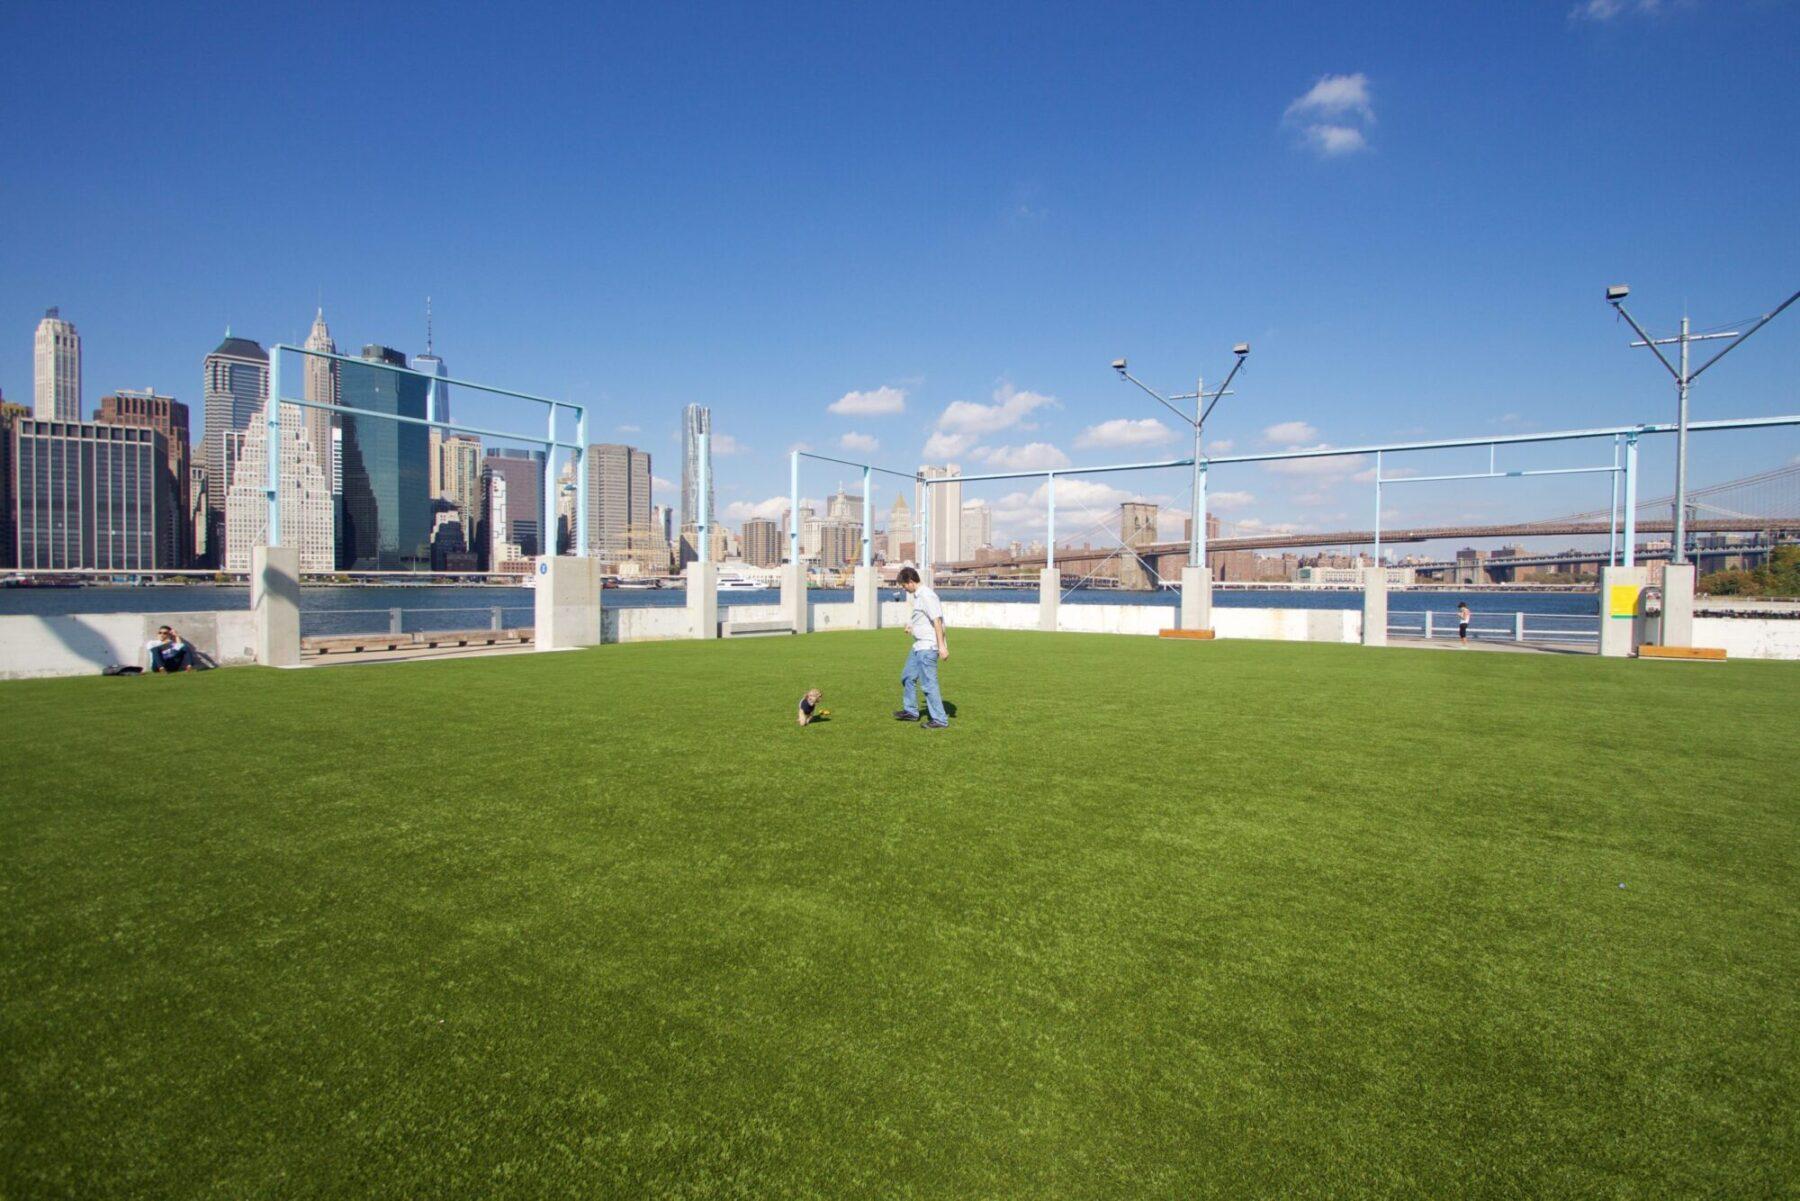 Roof top artificial grass